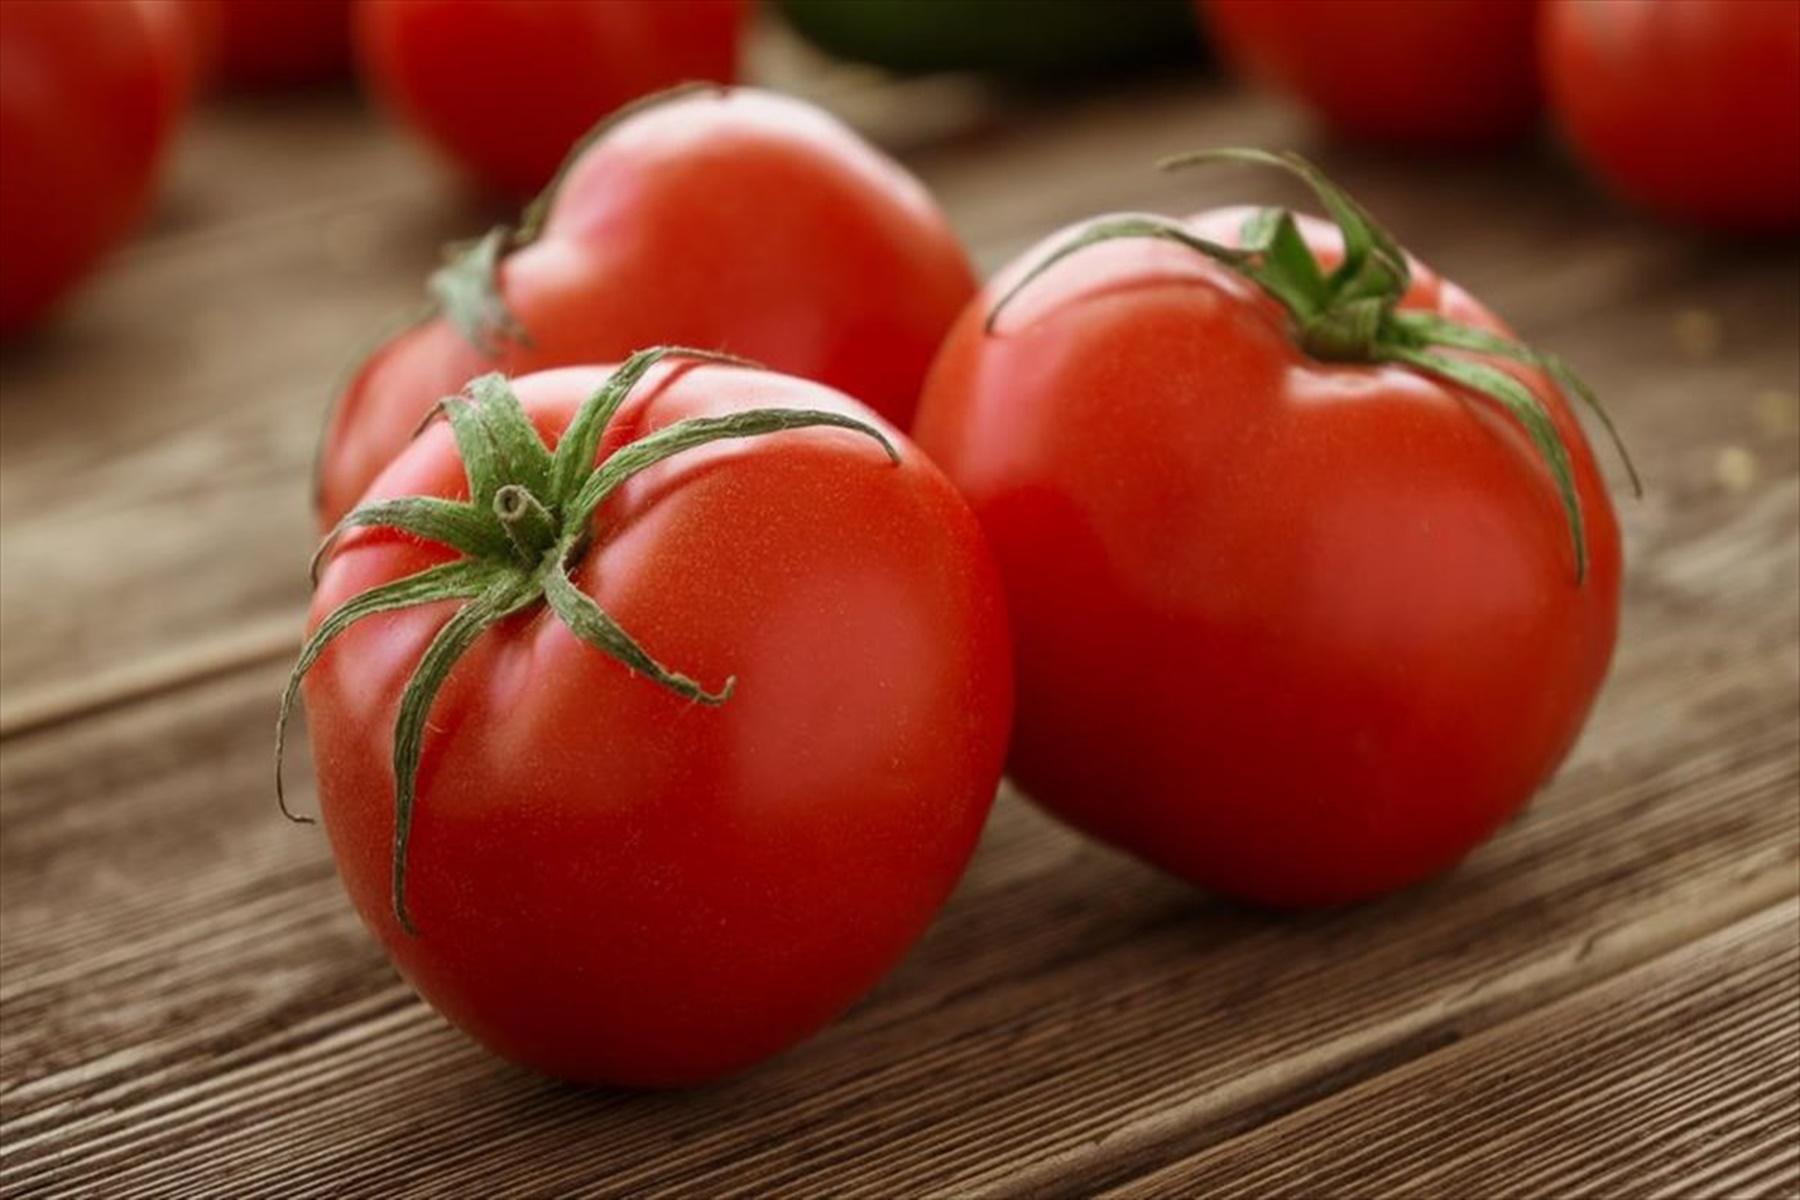 Ντομάτα : Πλούσια σε θρεπτικά συστατικά